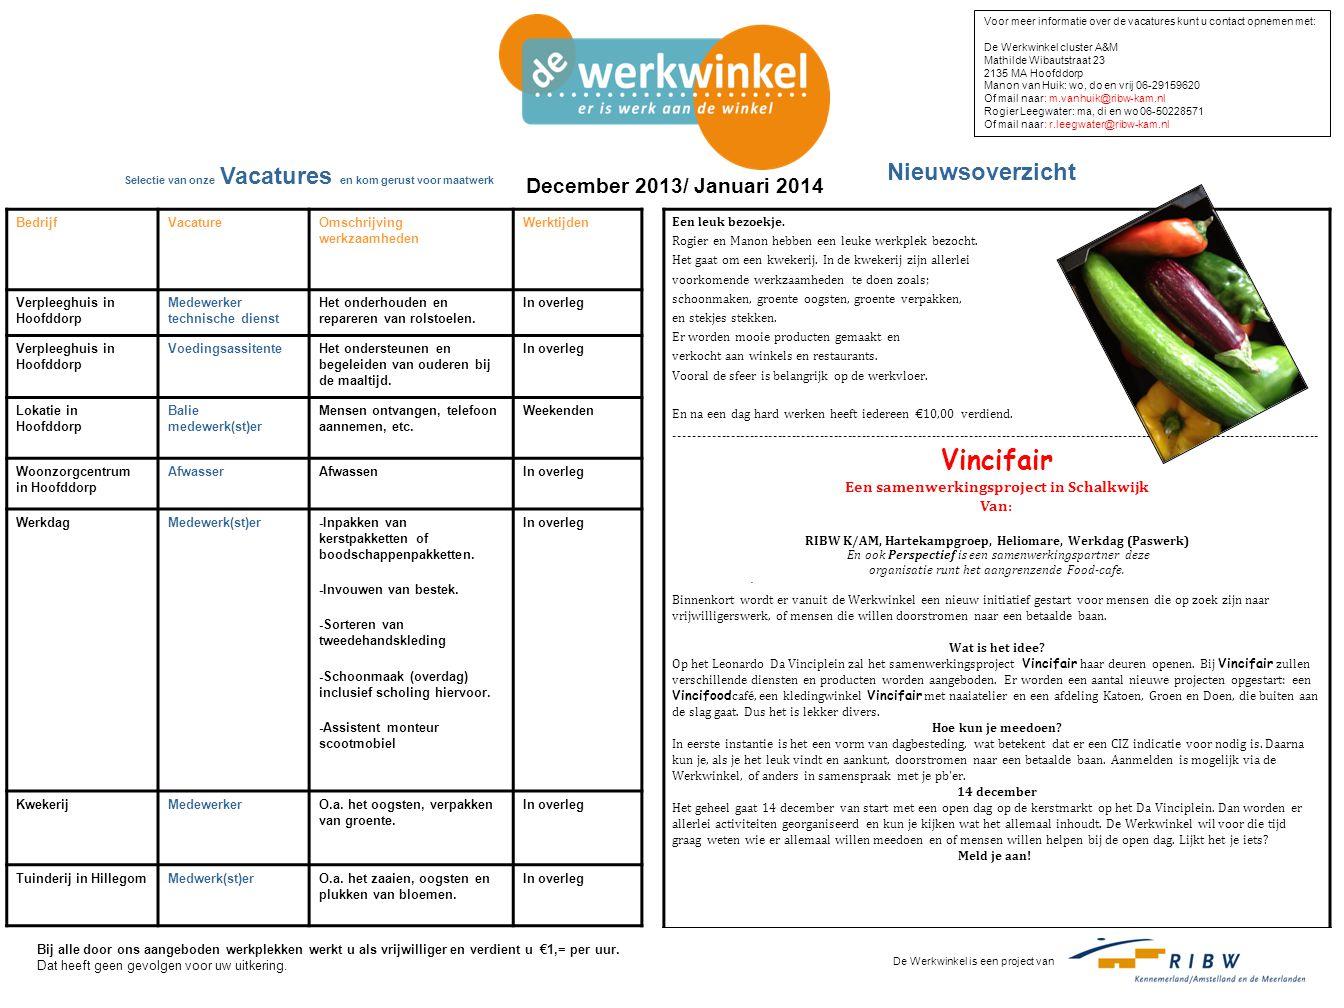 Vincifair Nieuwsoverzicht December 2013/ Januari 2014